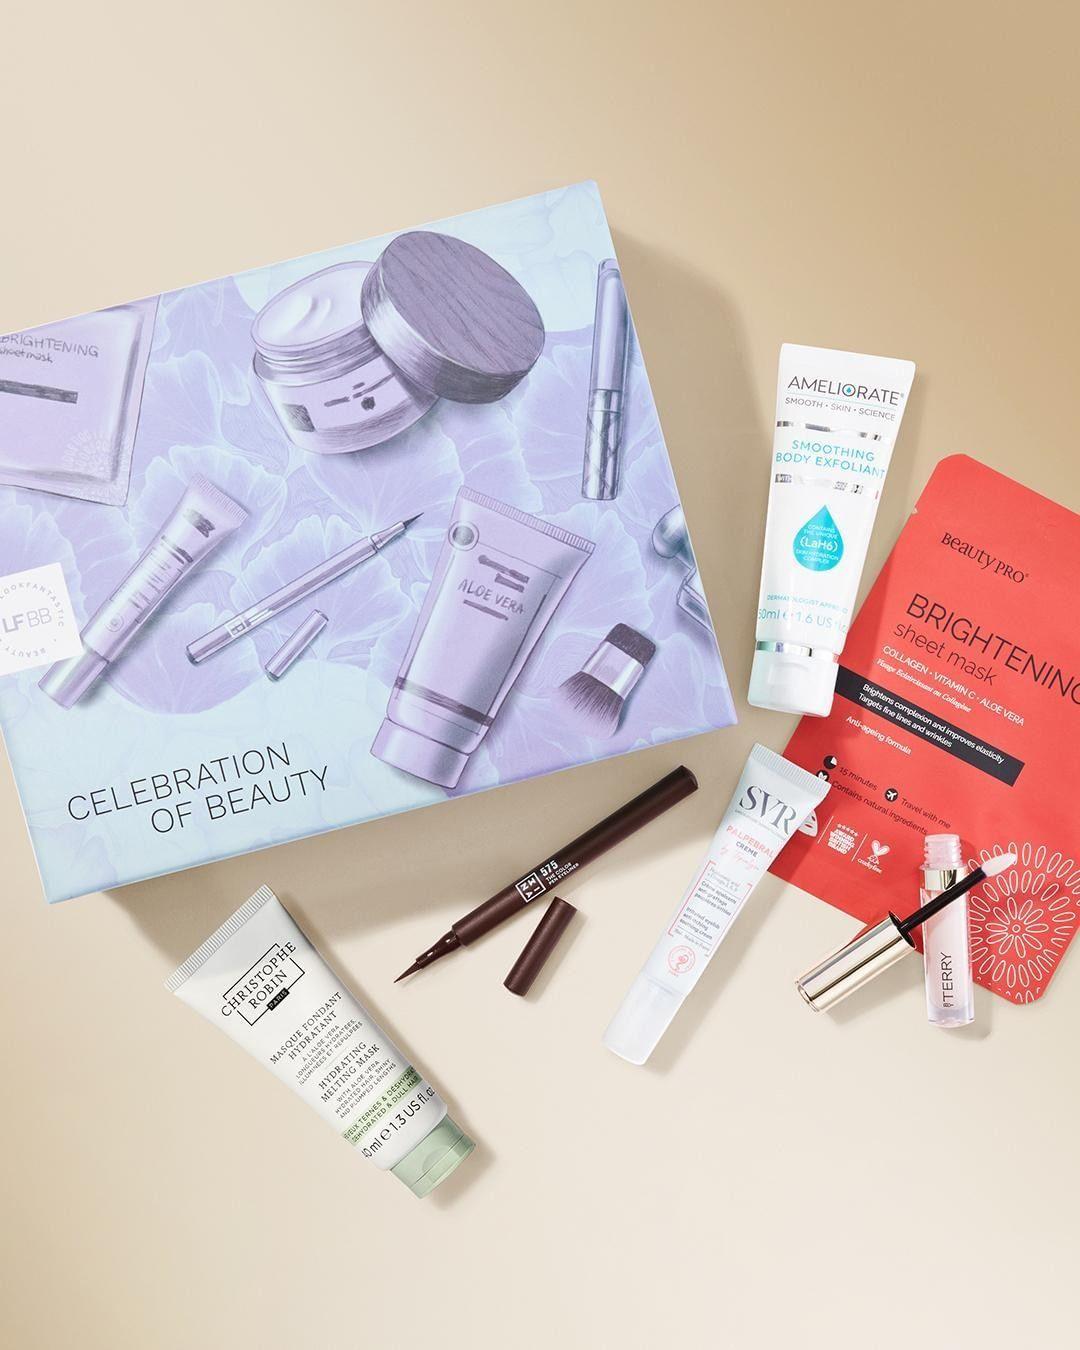 Scopriamo la Beauty Box: Settembre 'Celebration' Edition